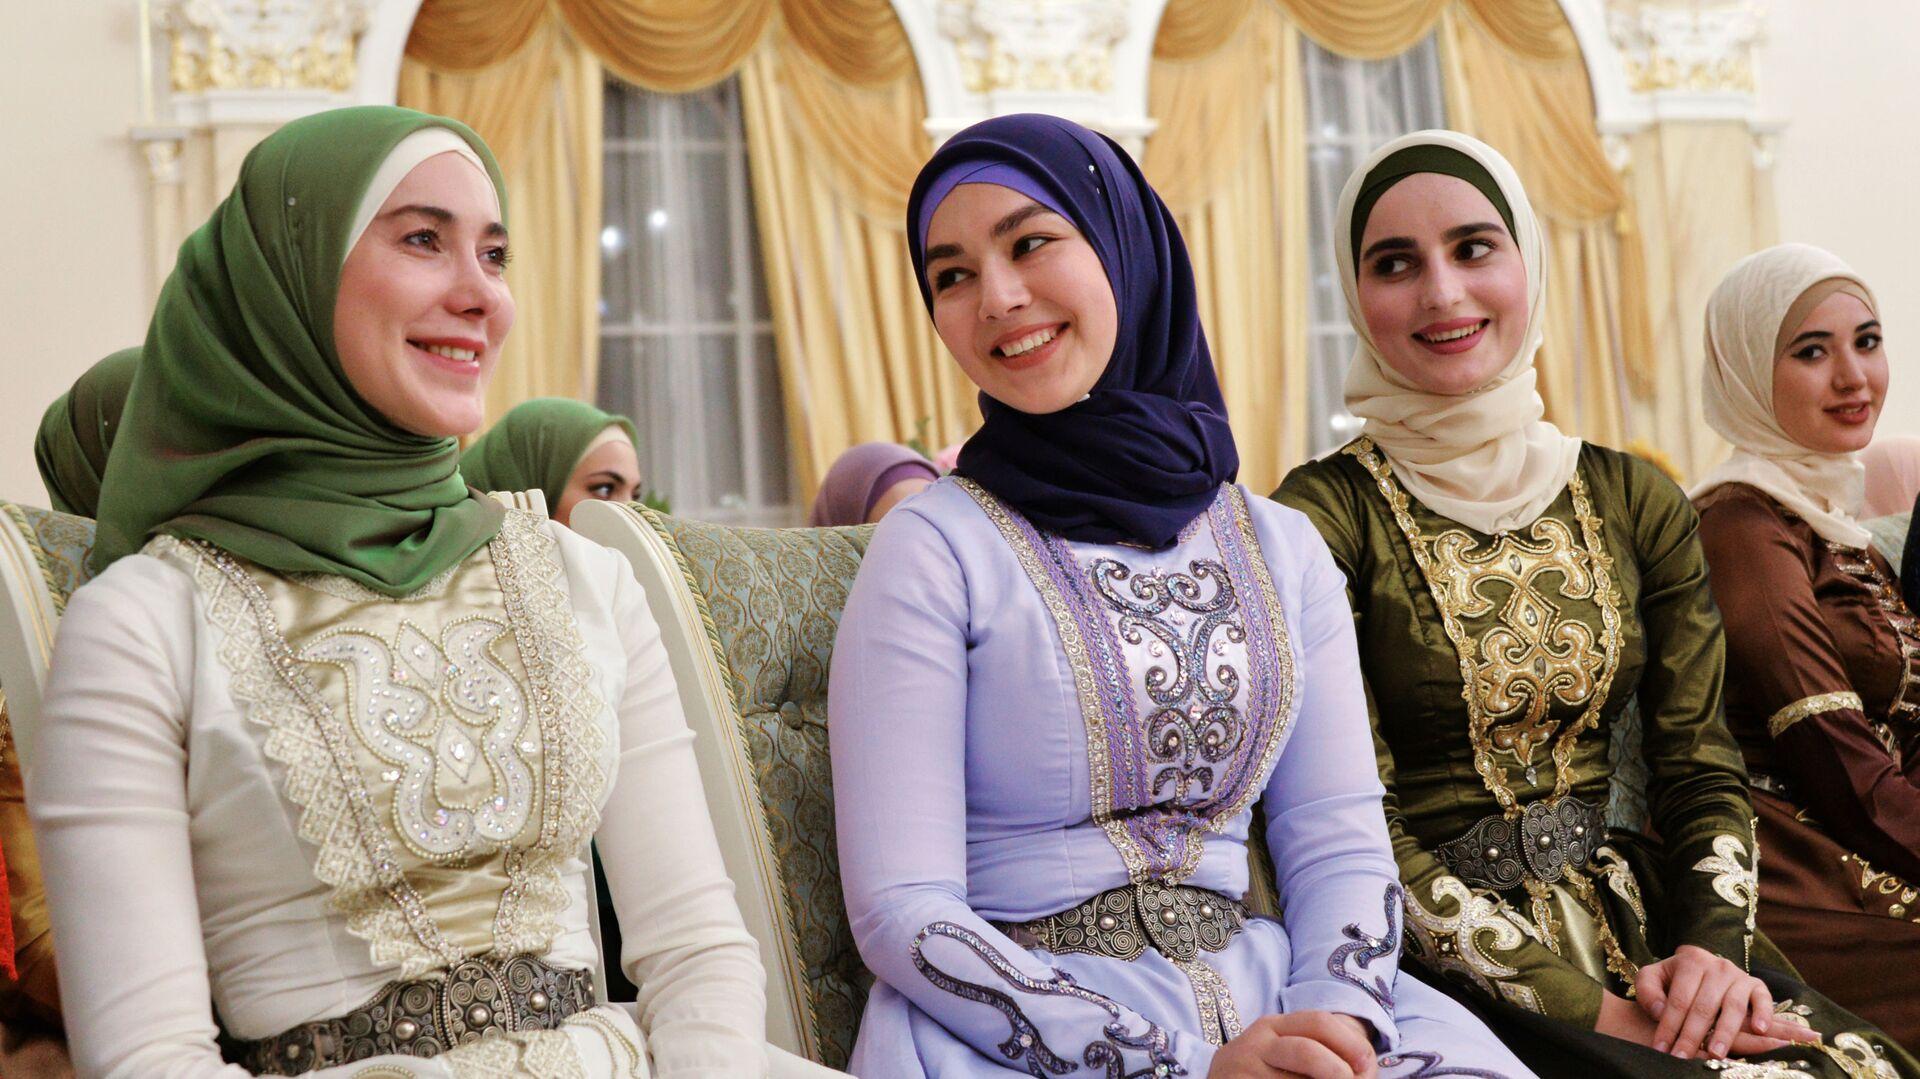 Участницы торжественного вечера, посвященного празднованию Дня чеченской женщины, в Грозном, Чечня - Sputnik Узбекистан, 1920, 06.07.2021